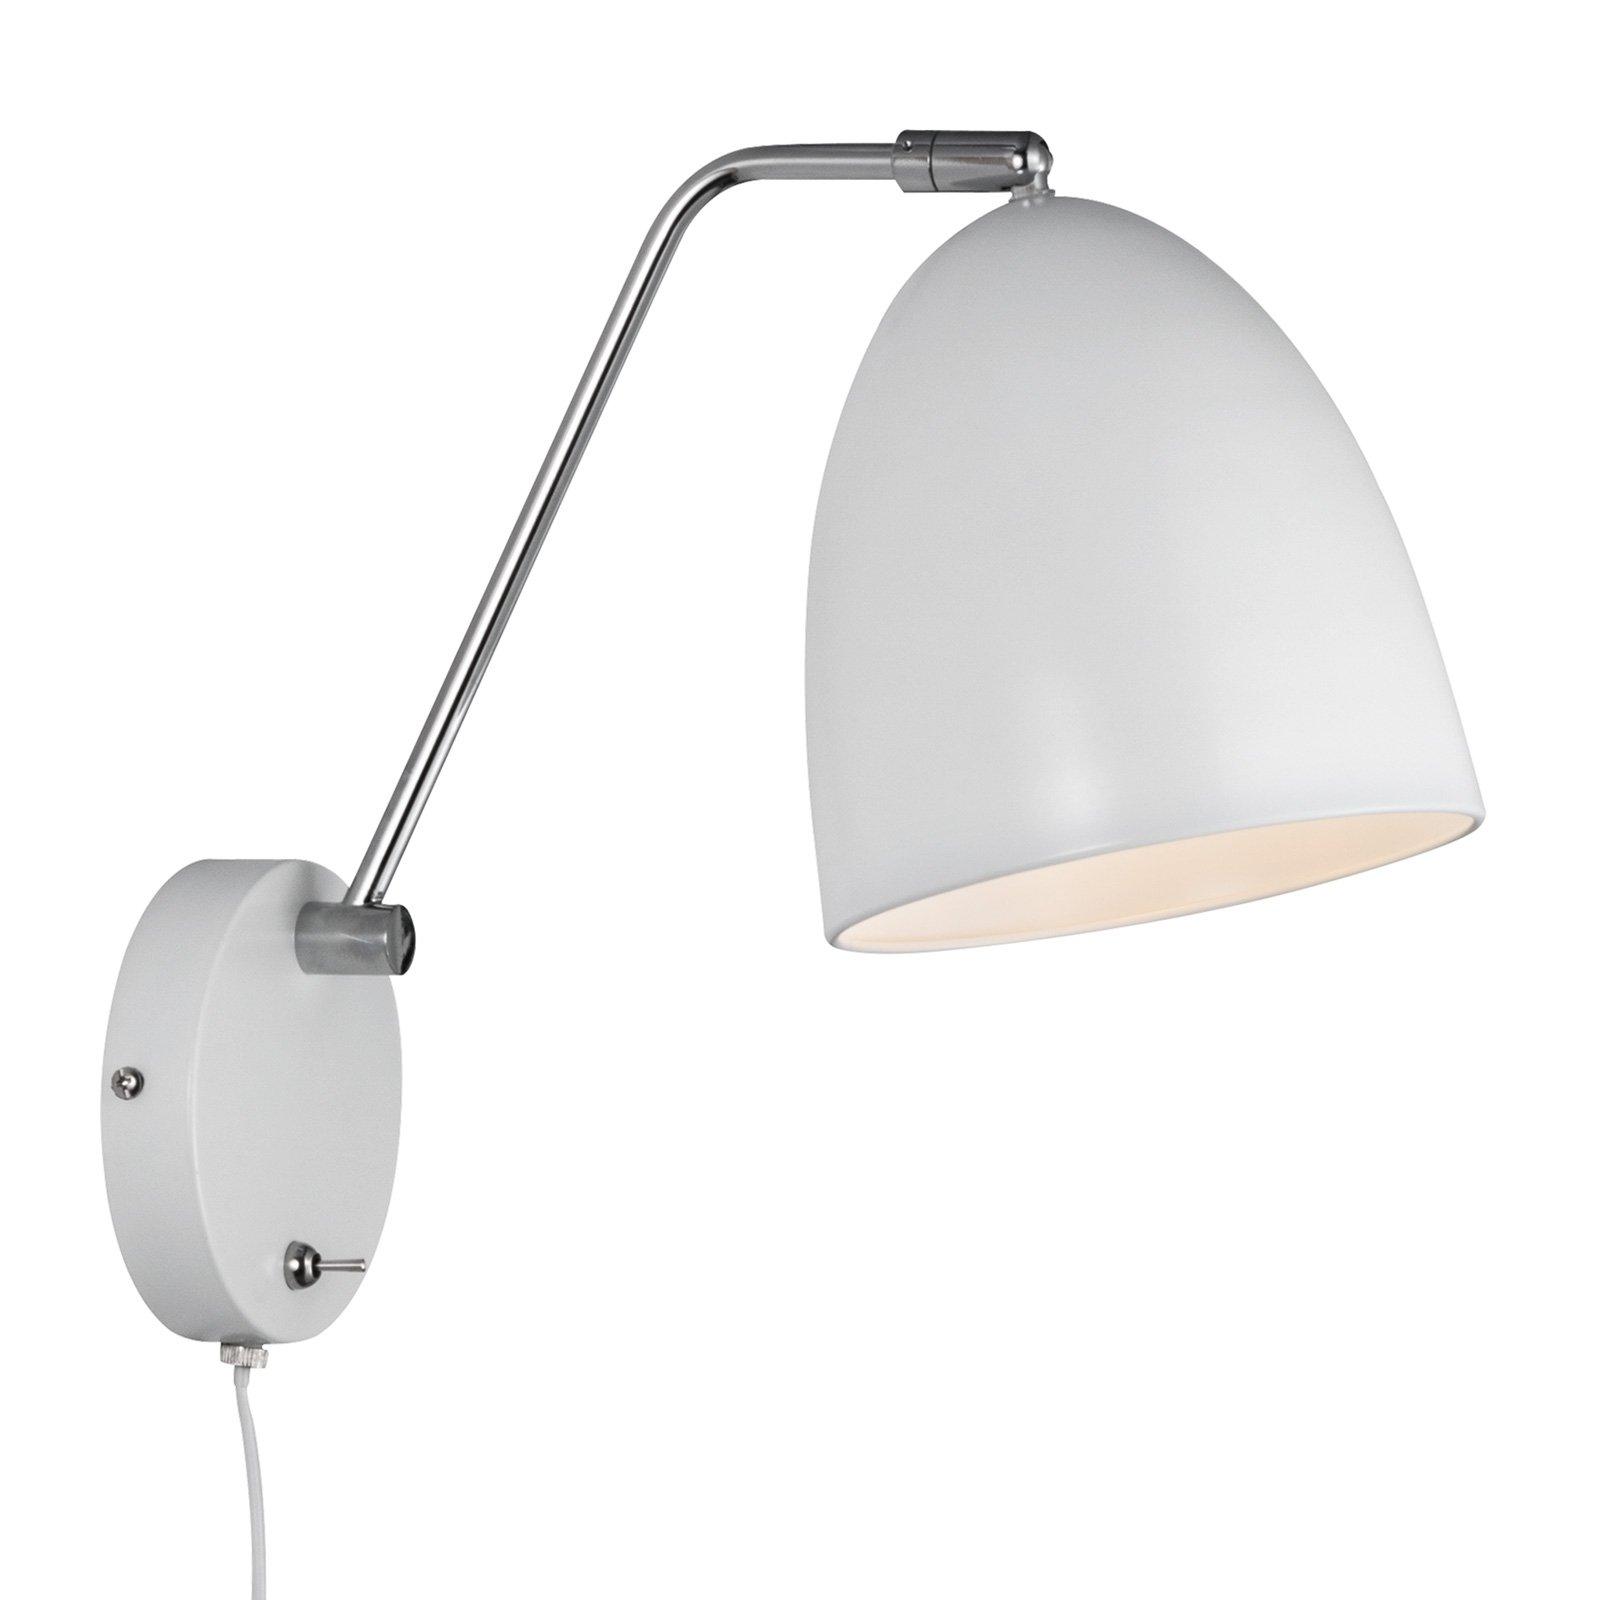 Vegglampen Alexander med kabel og plugg, hvit